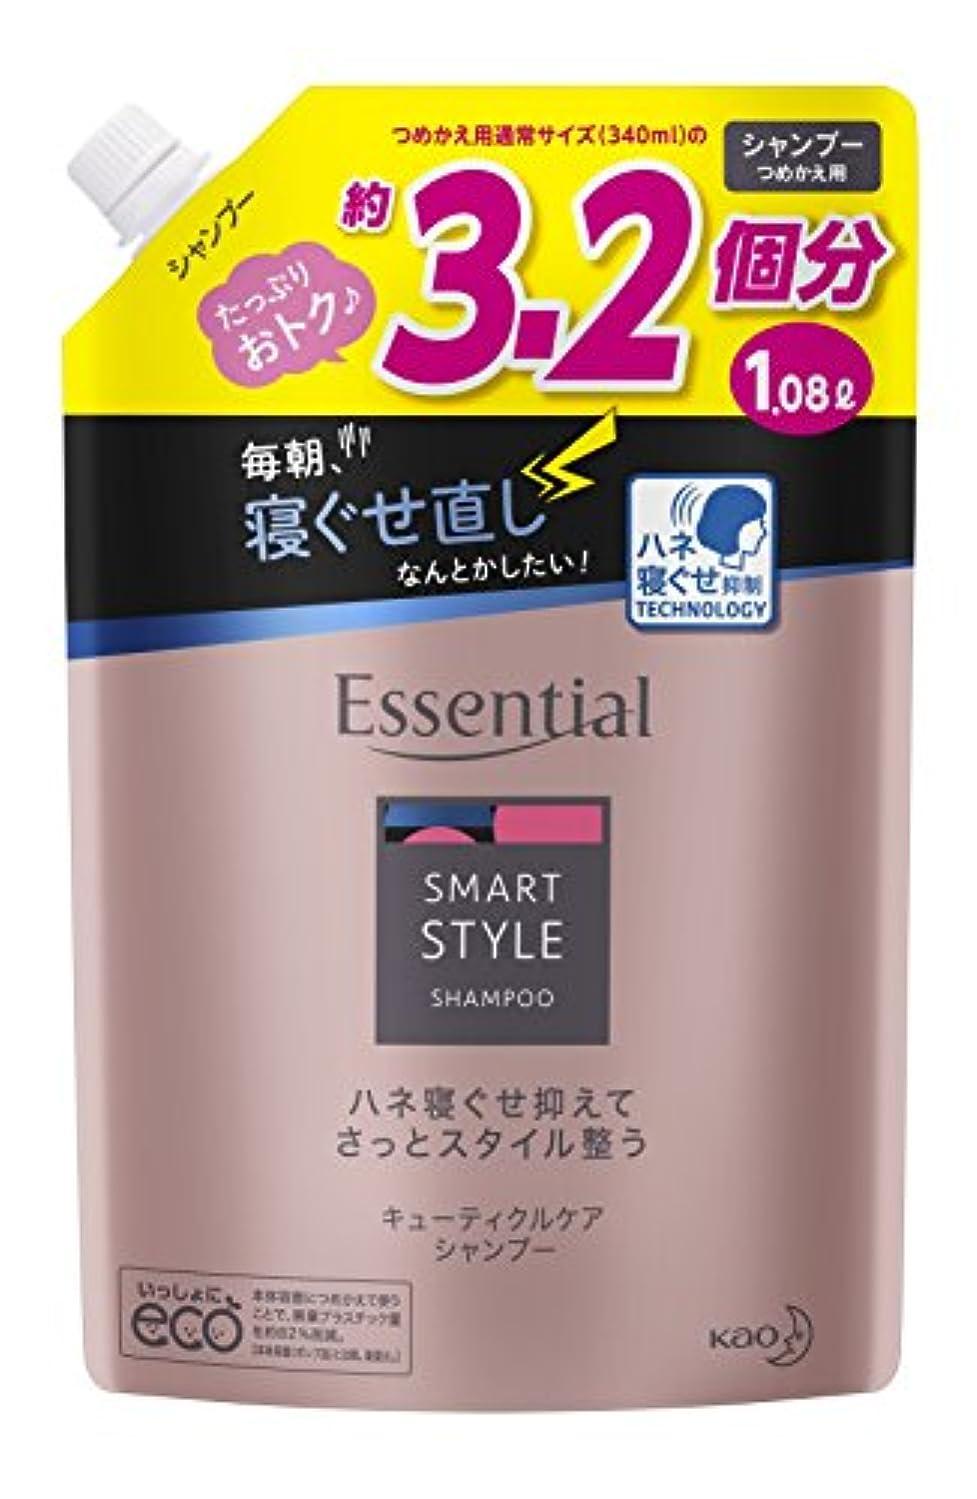 マキシムとアウター【大容量】 エッセンシャル スマートスタイル シャンプー つめかえ用 1080ml